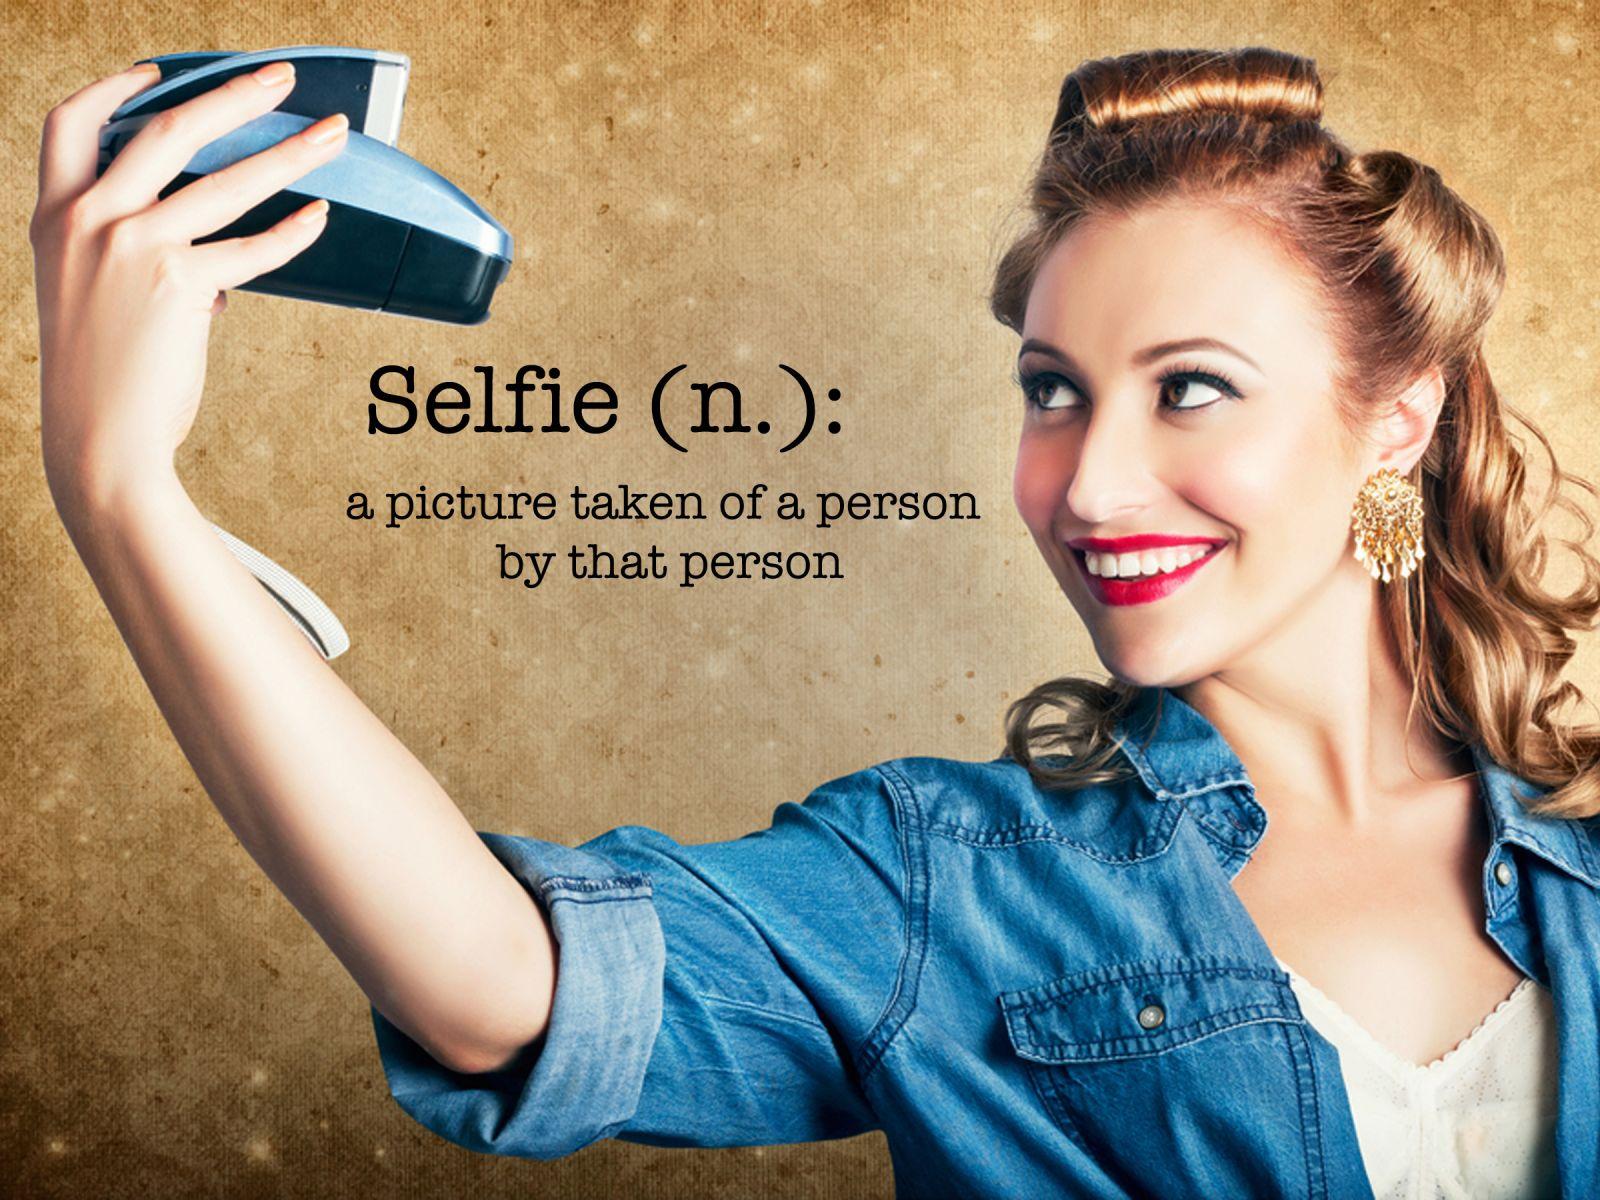 Быть как селфи: женщины стремятся менять внешность под Instagram